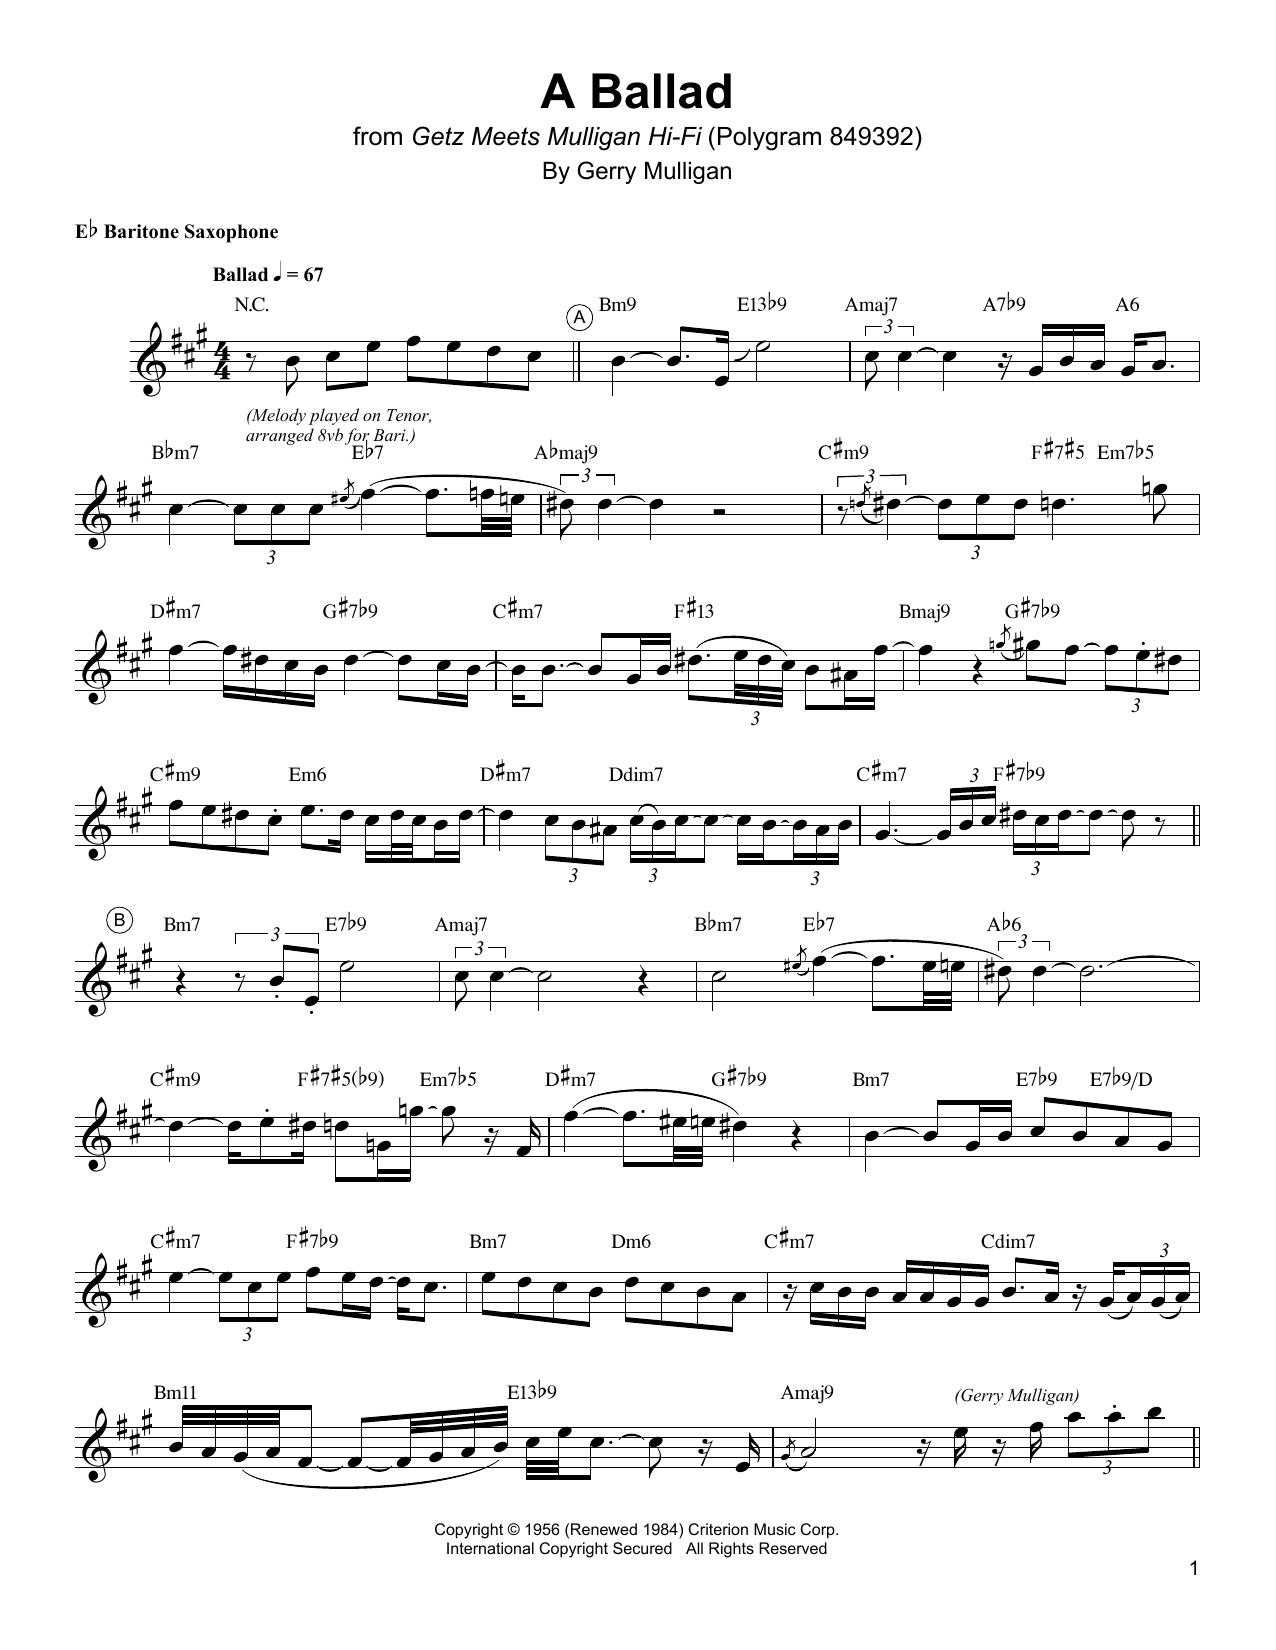 A Ballad Sheet Music